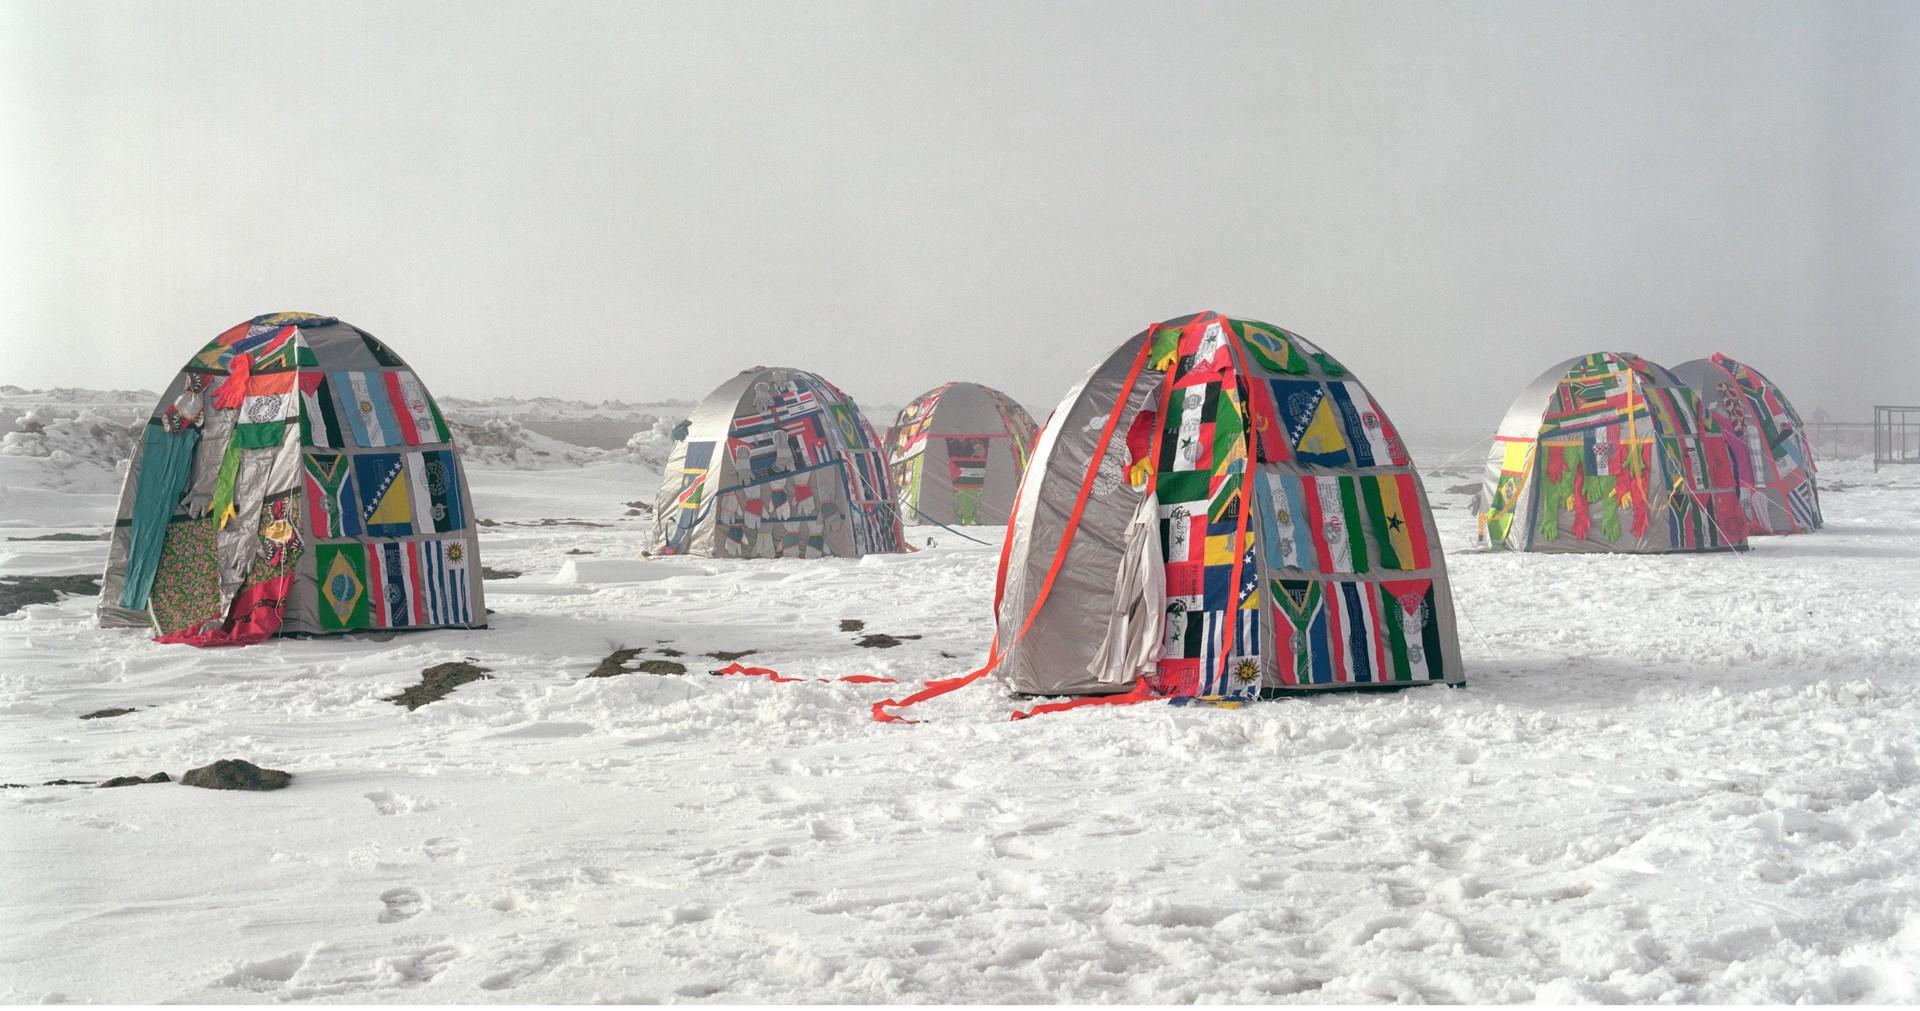 Lucy +Jorge Orta, Village antarctique – Sans frontières, 2007